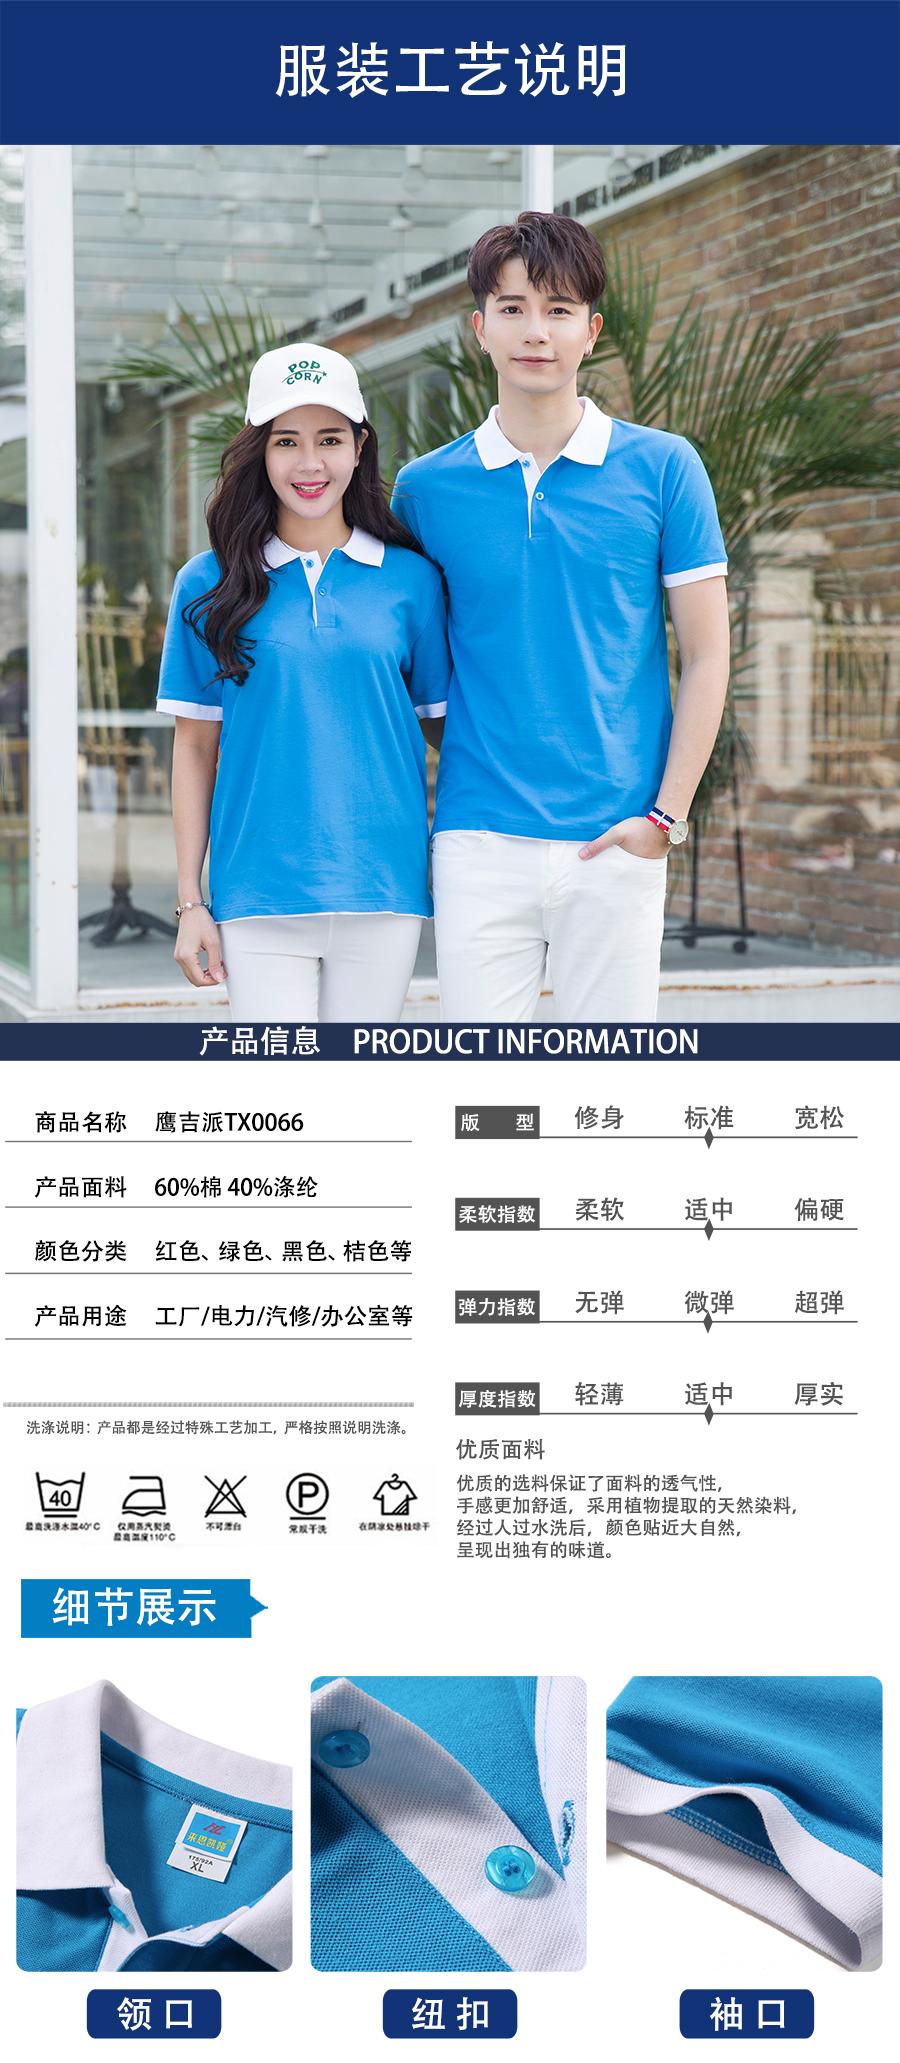 订做文化衫产品信息.jpg